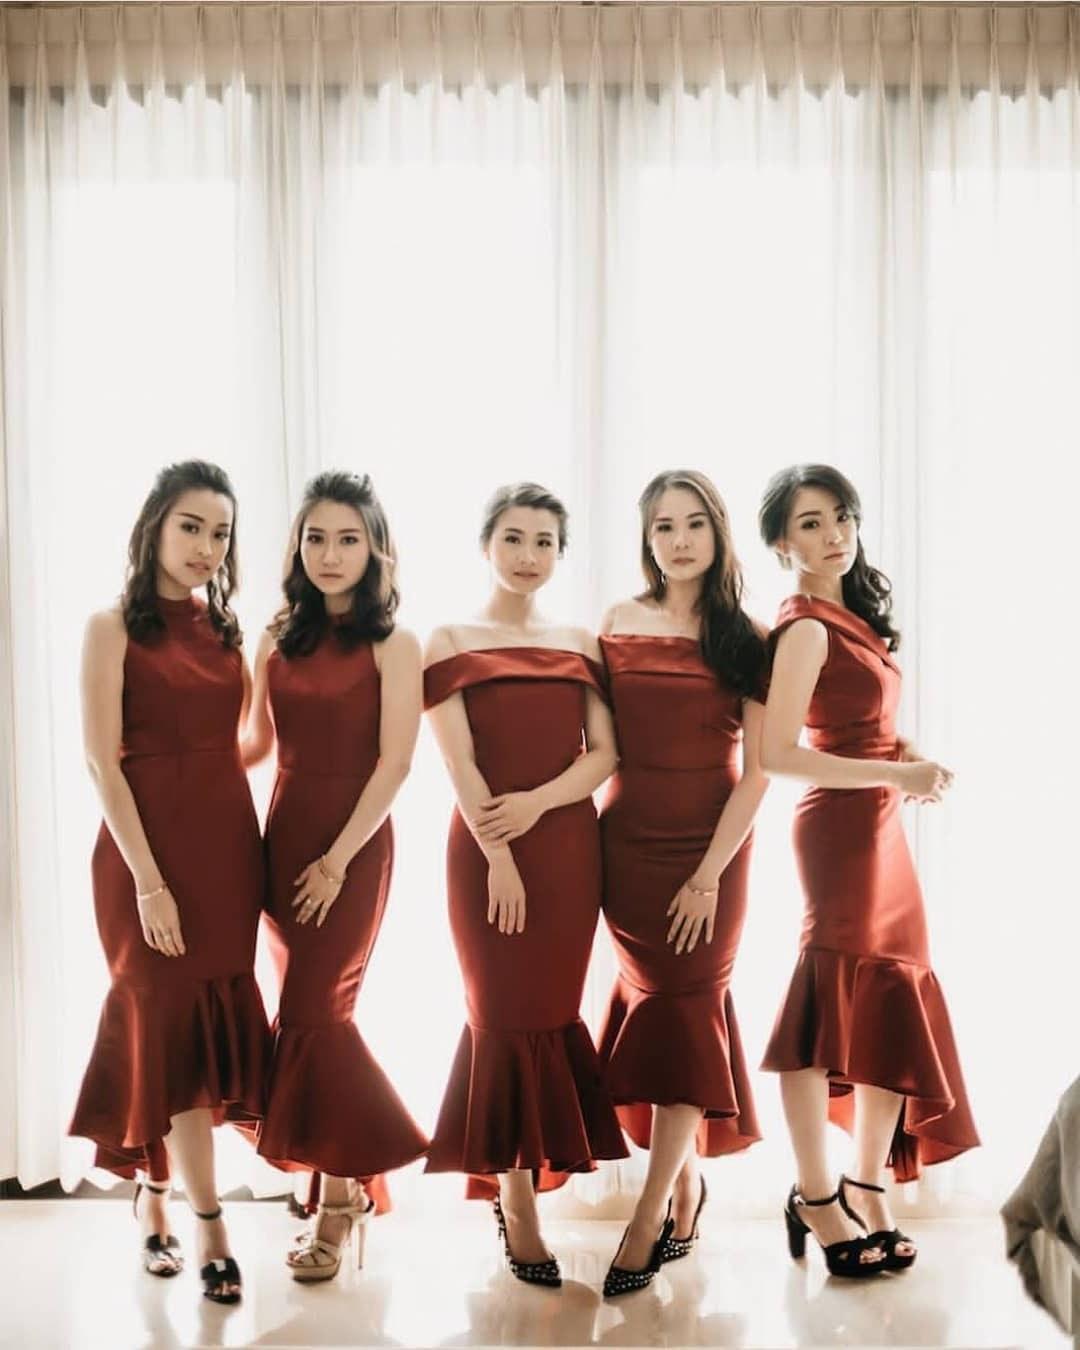 Ide Model Baju Gamis Untuk Pernikahan J7do 7 Ide Seragam Bridesmaid Yang Bisa Kamu Contek Mulai Dari